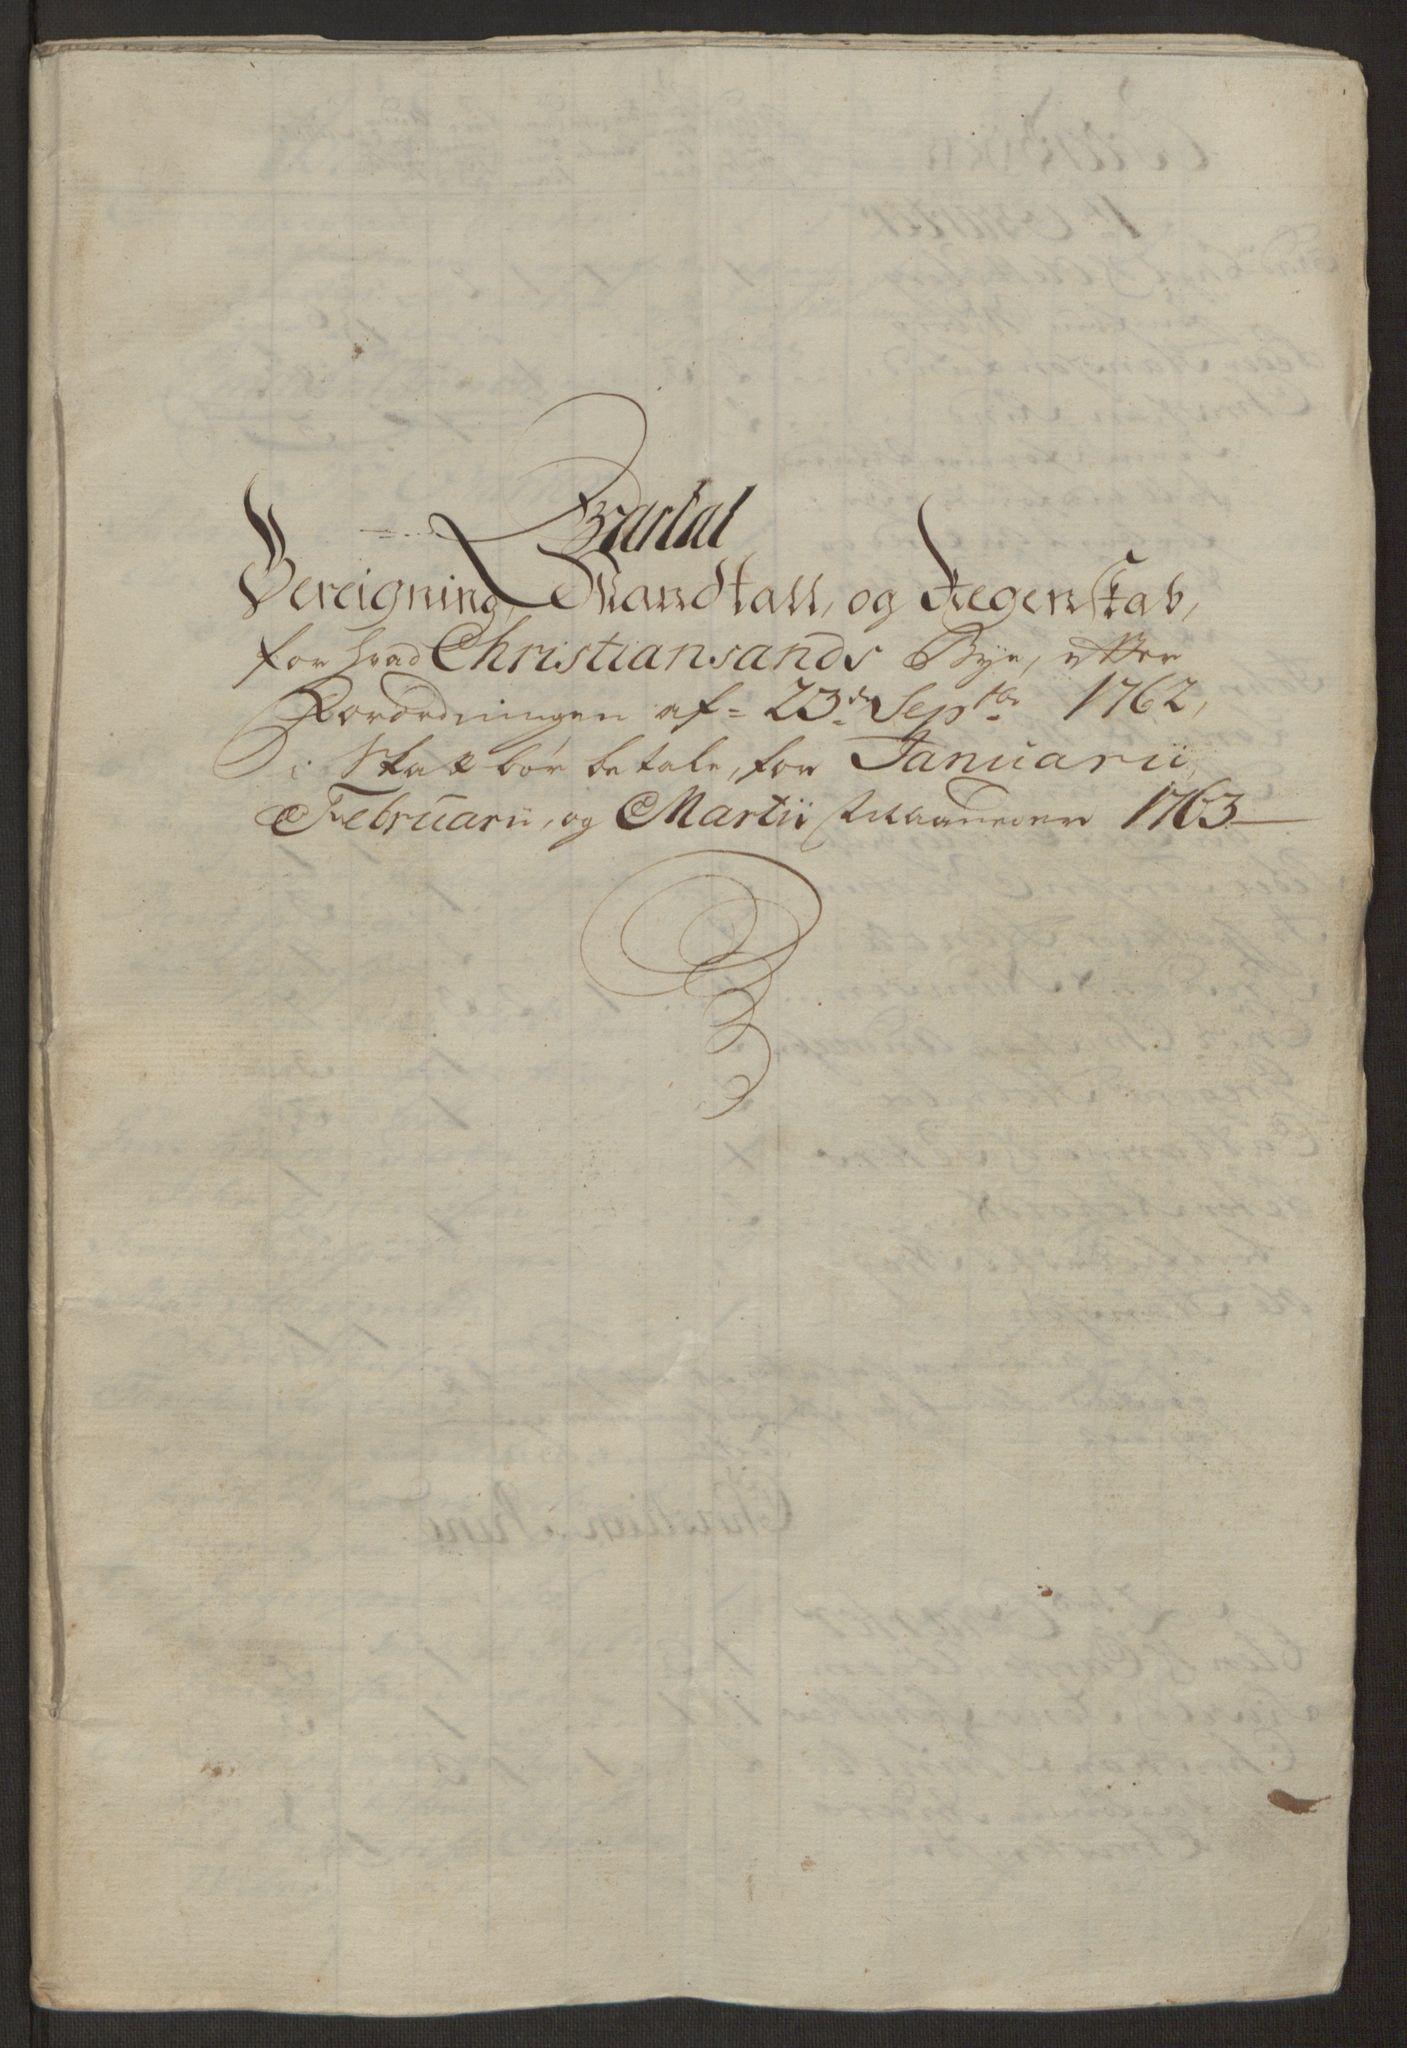 RA, Rentekammeret inntil 1814, Reviderte regnskaper, Byregnskaper, R/Rm/L0265: [M6] Kontribusjonsregnskap, 1762-1764, s. 80